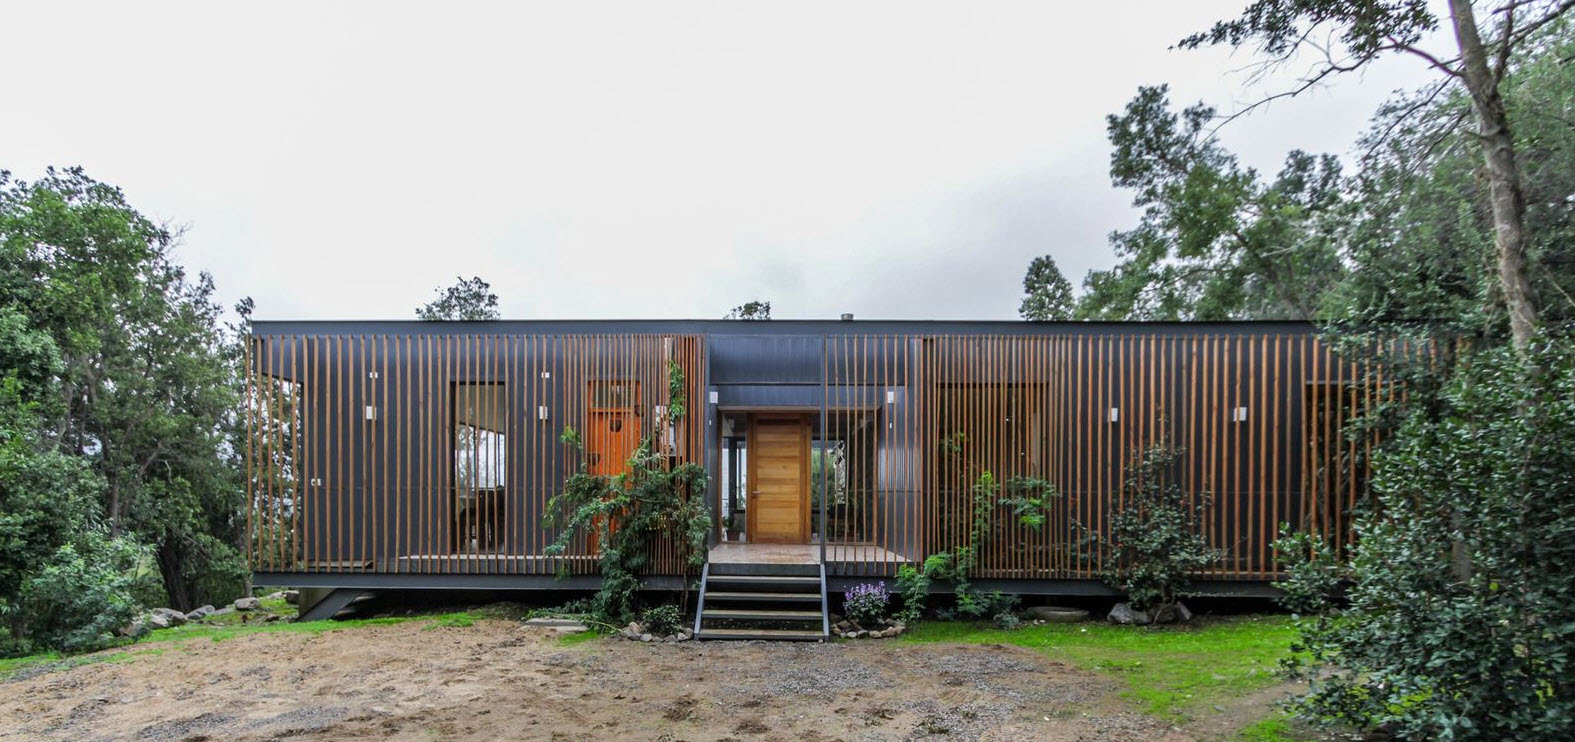 Fachada de casa de campo moderna madera y metal